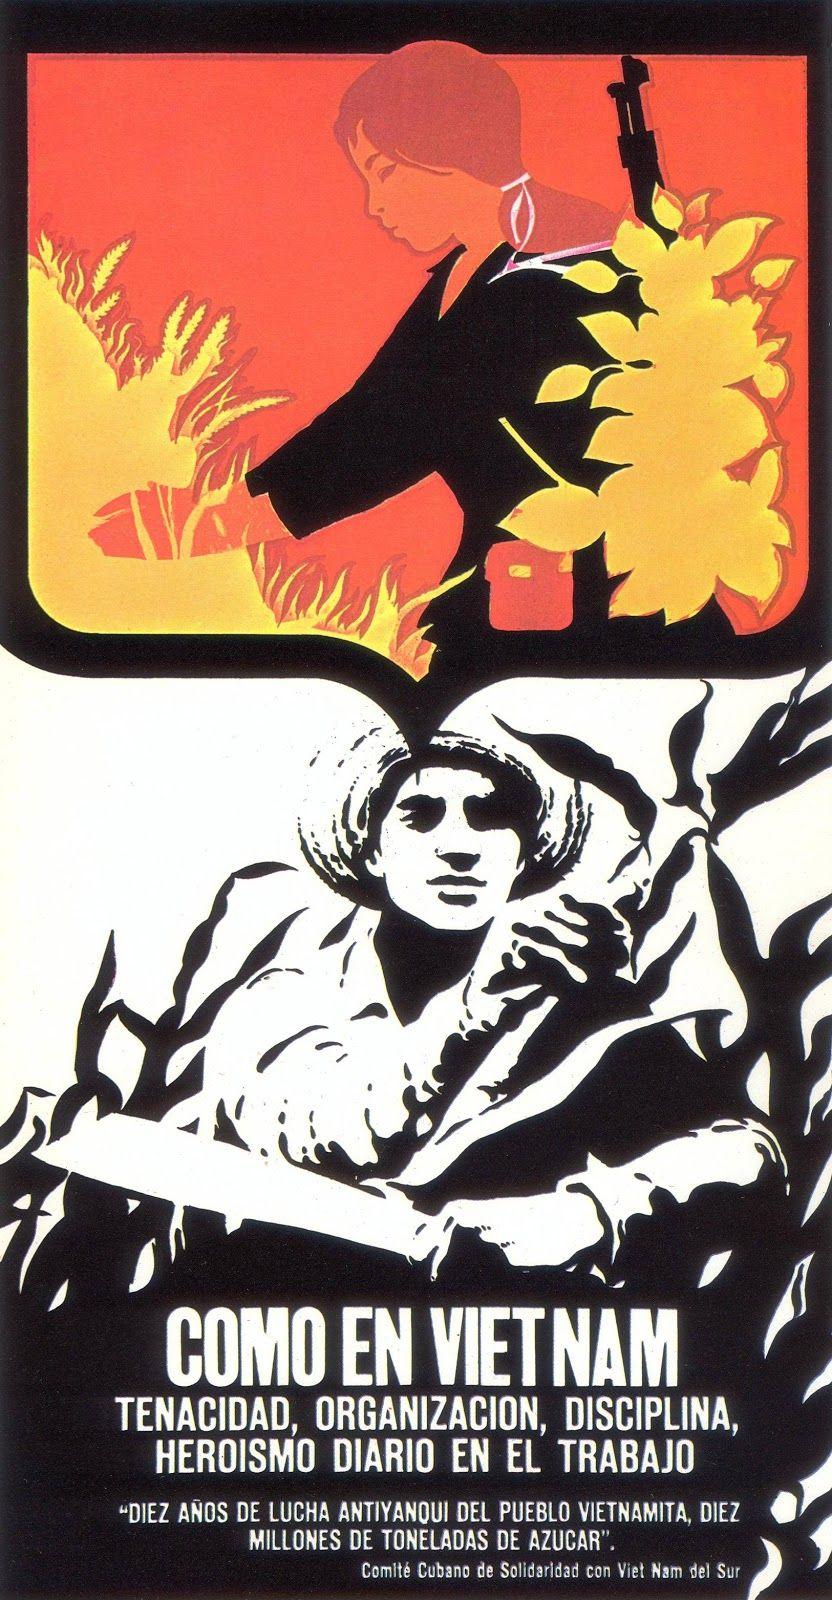 Propaganda poster from Cuba during Vietnam war | War, The ...